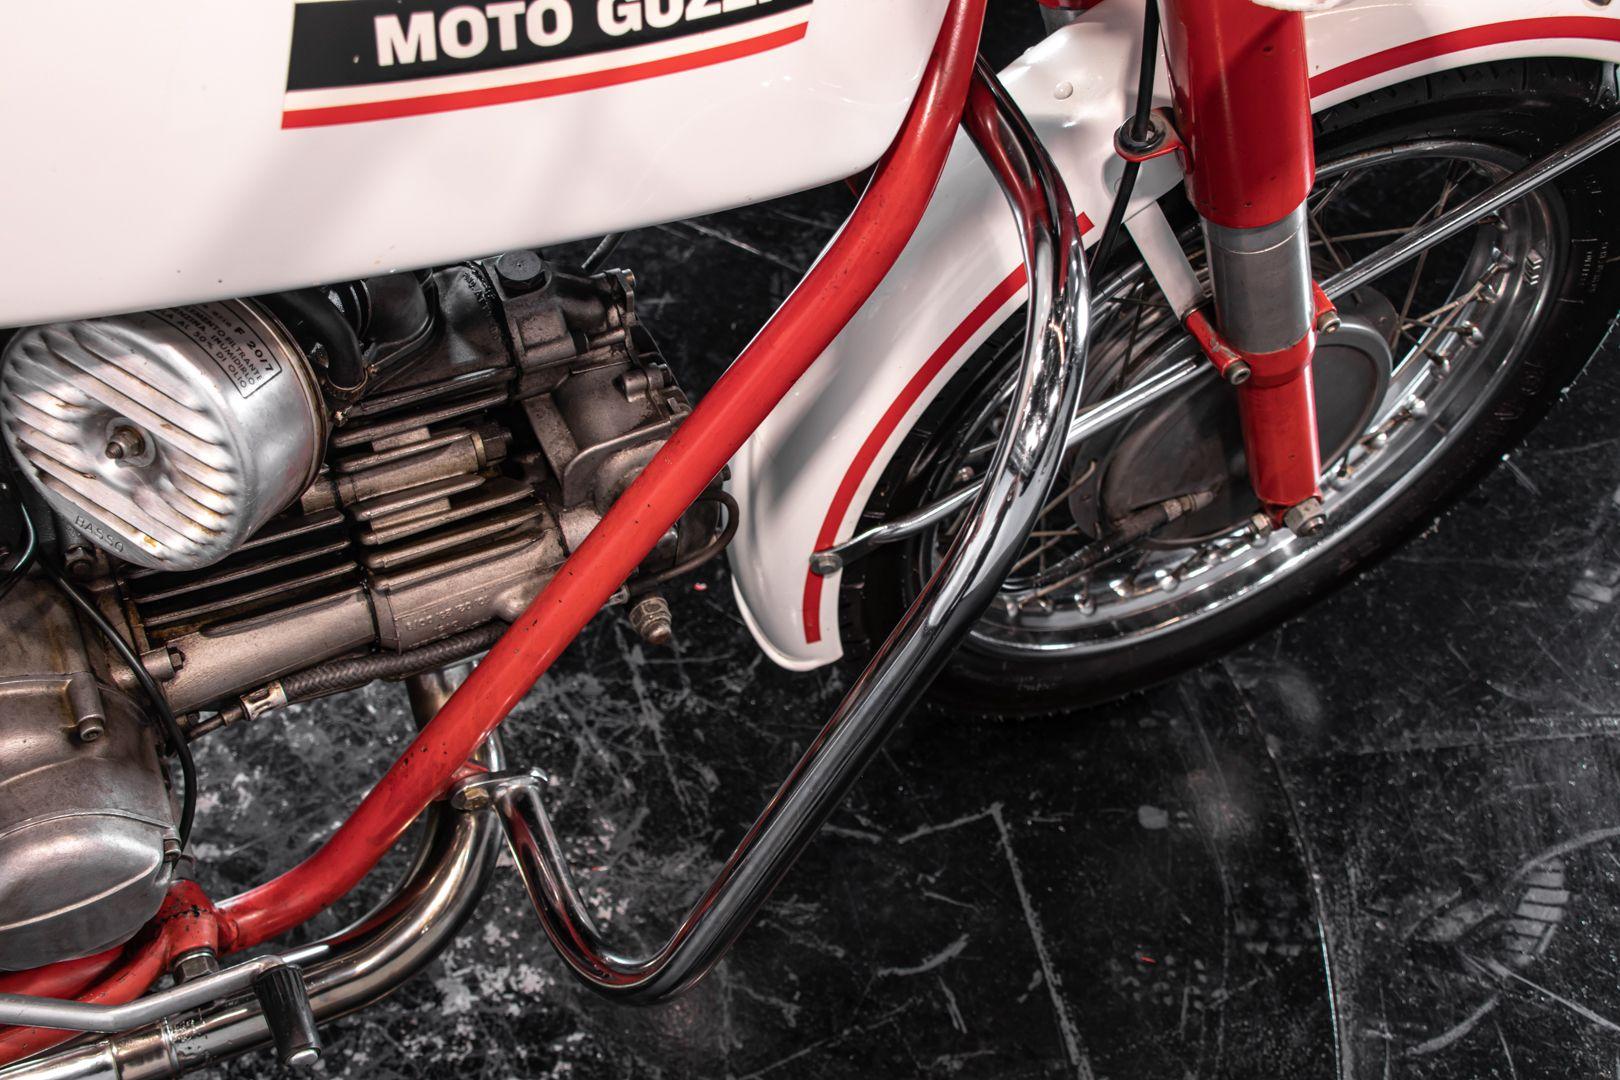 1972 Moto Guzzi Falcone 78955